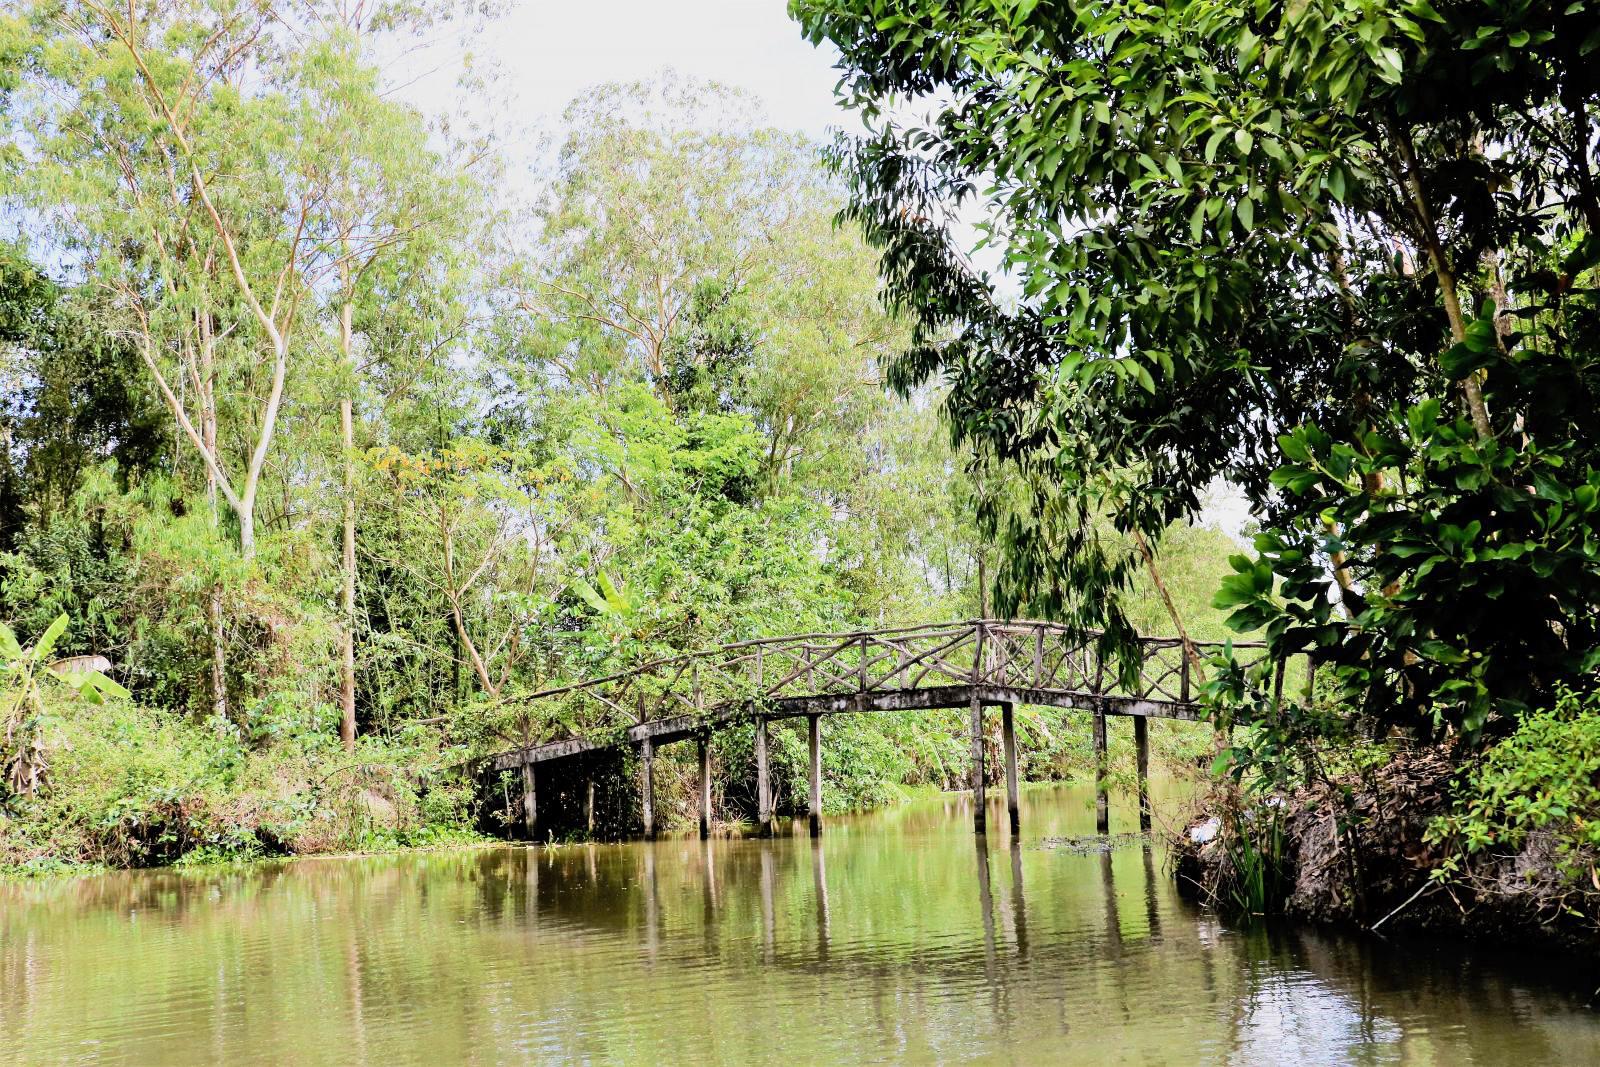 Chiếc cầu cây xen lẫn giữa rừng tạo nên khung cảnh nên thơ, lãng mạn khiến du khách thêm phần lưu luyến.